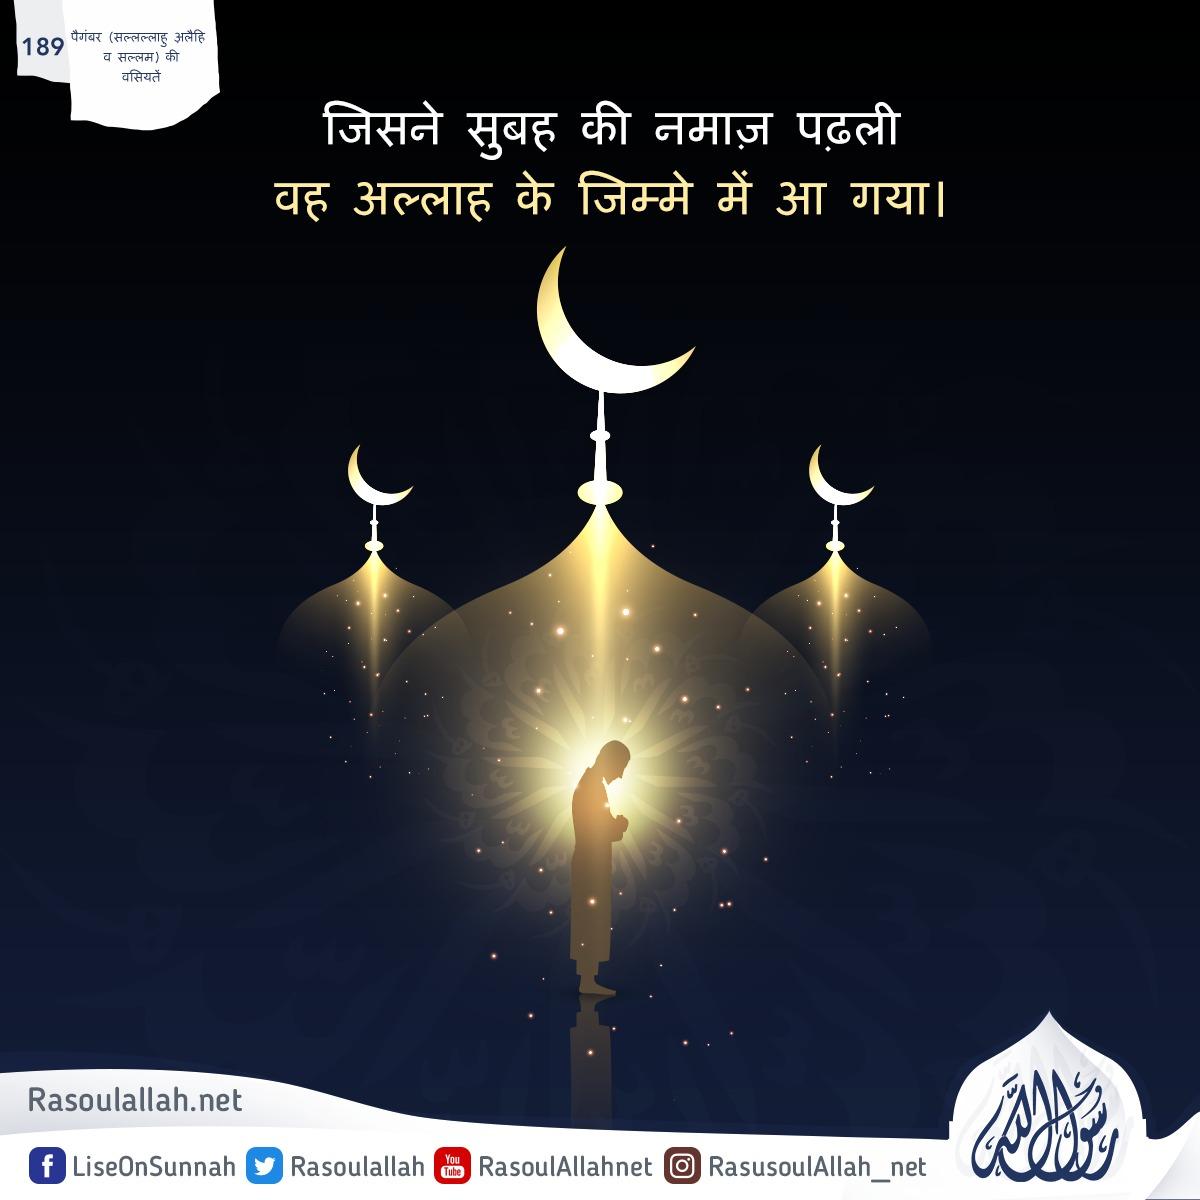 (189) जिसने सुबह की नमाज़ पढ़ली वह अल्लाह के जिम्मे में आ गया।